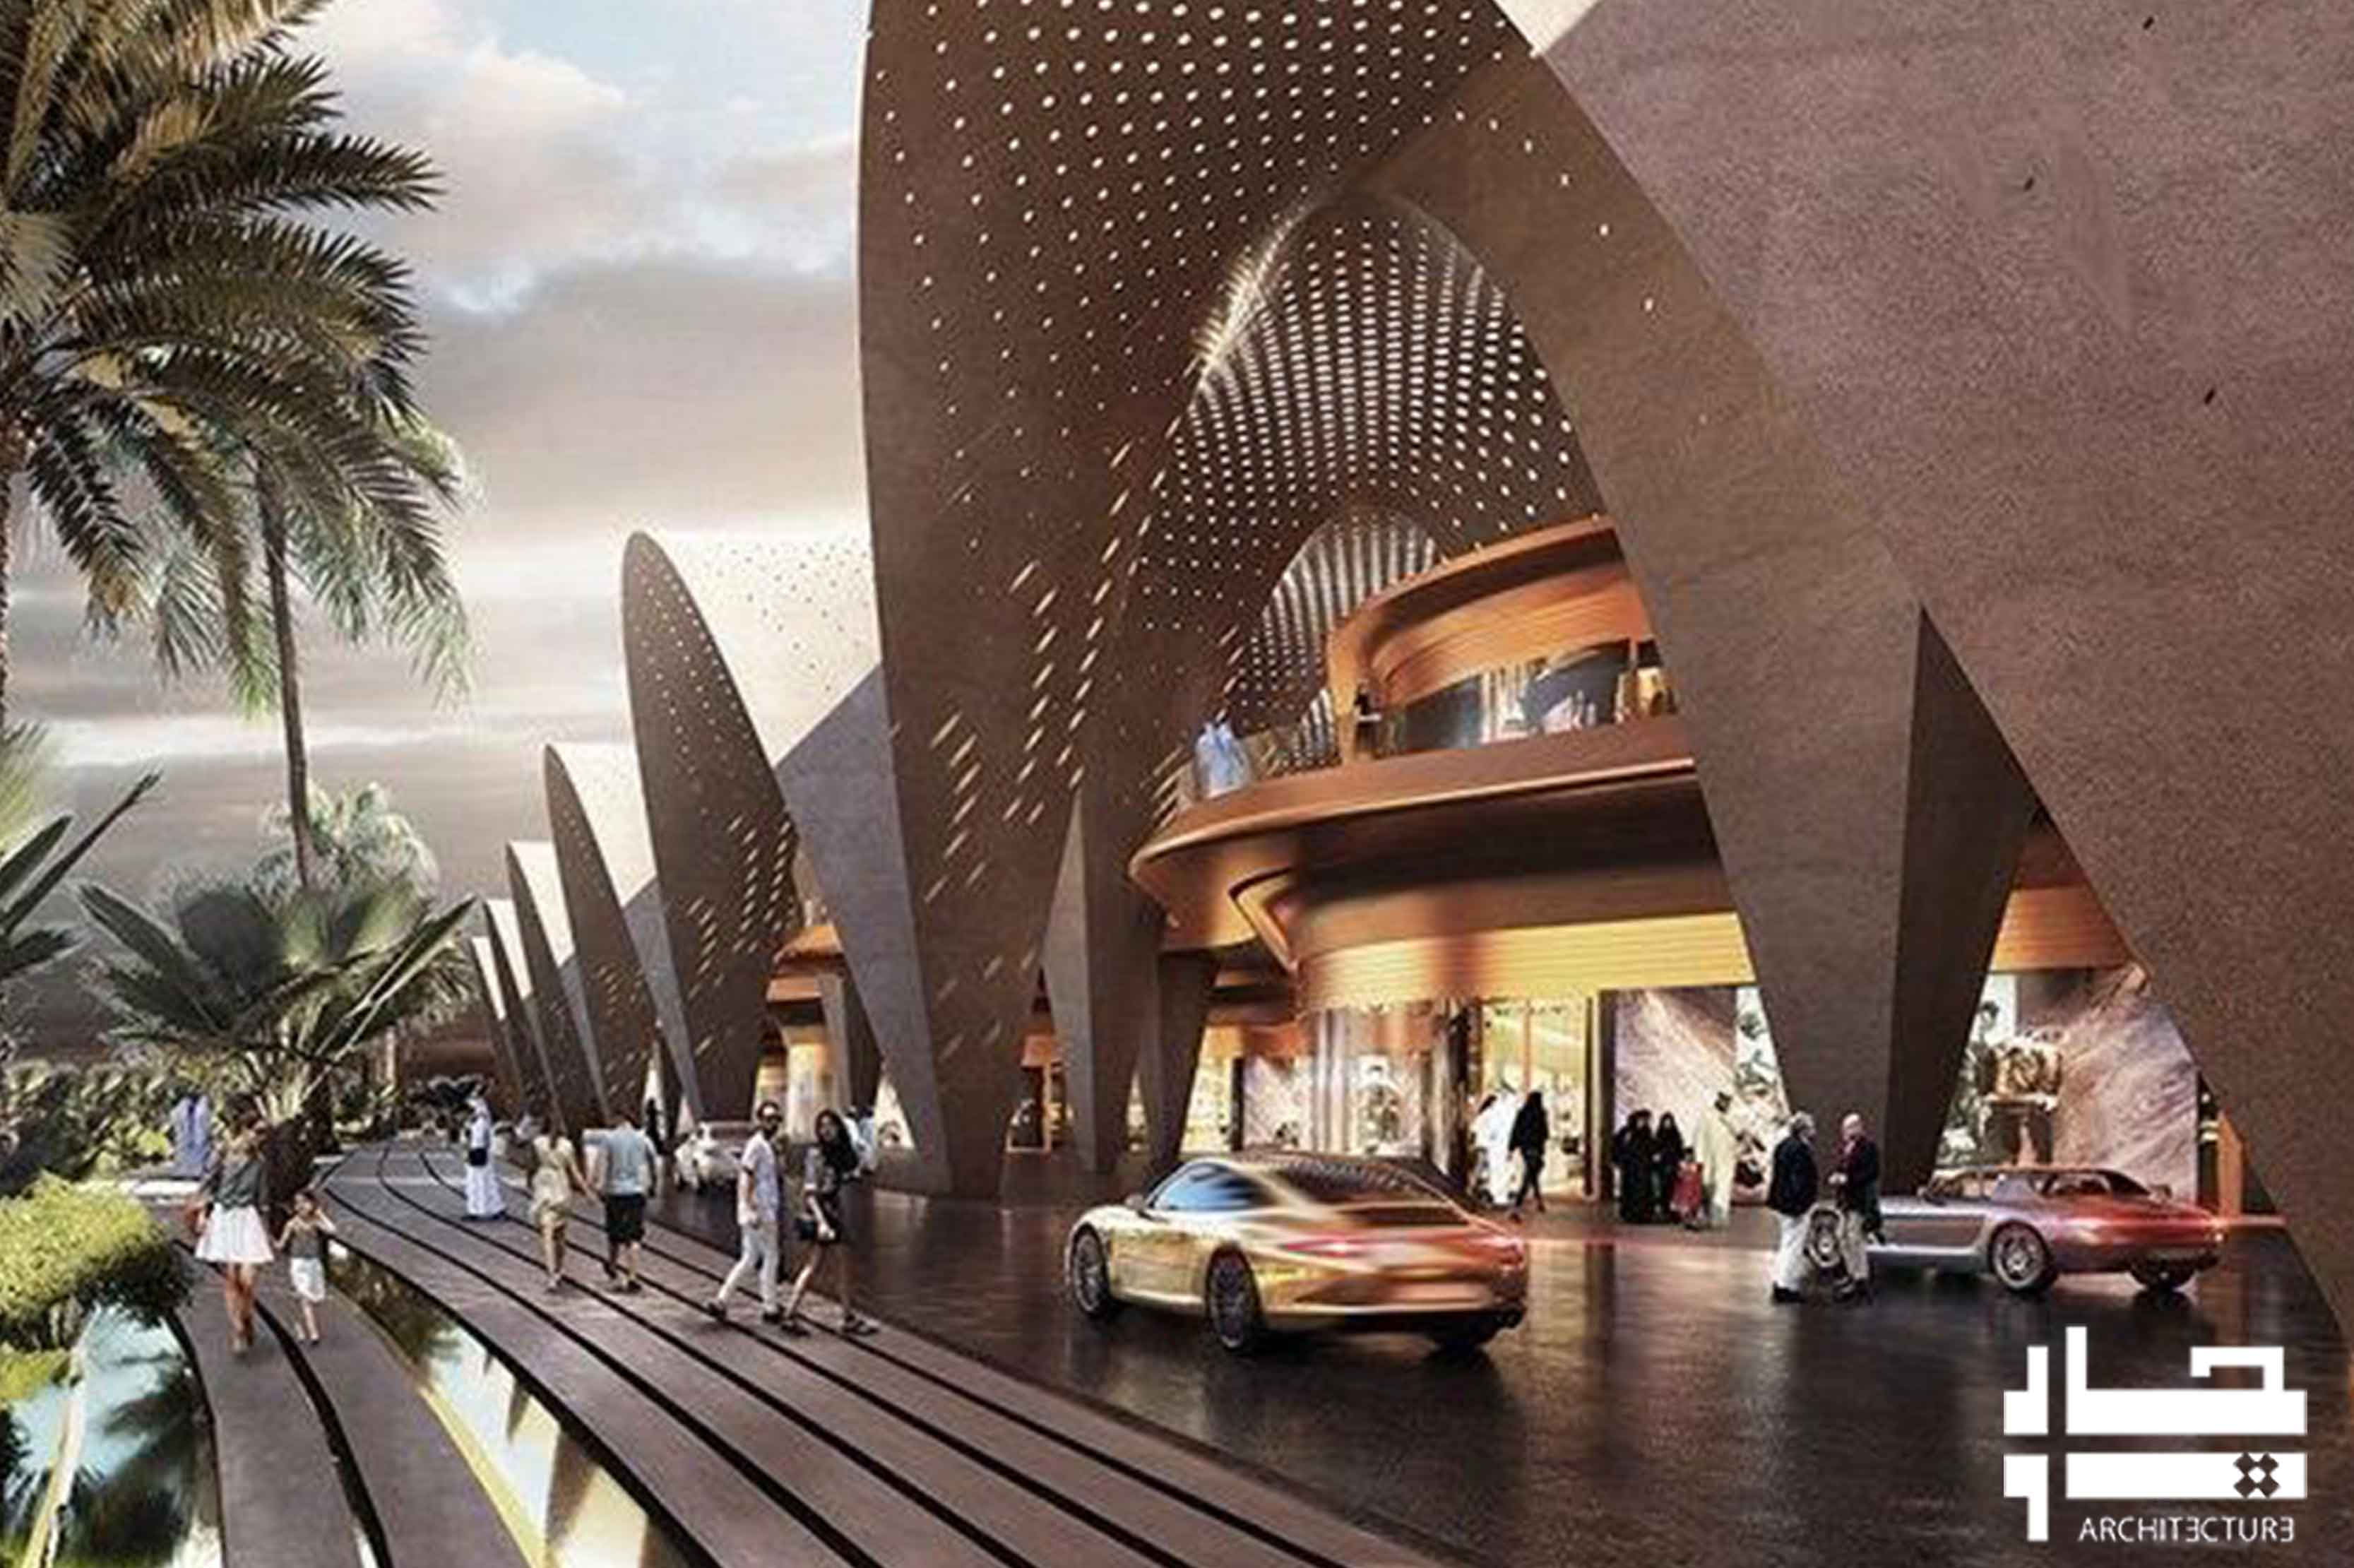 رونمایی از بازسازی مرکز خرید در امارات متحده عربی